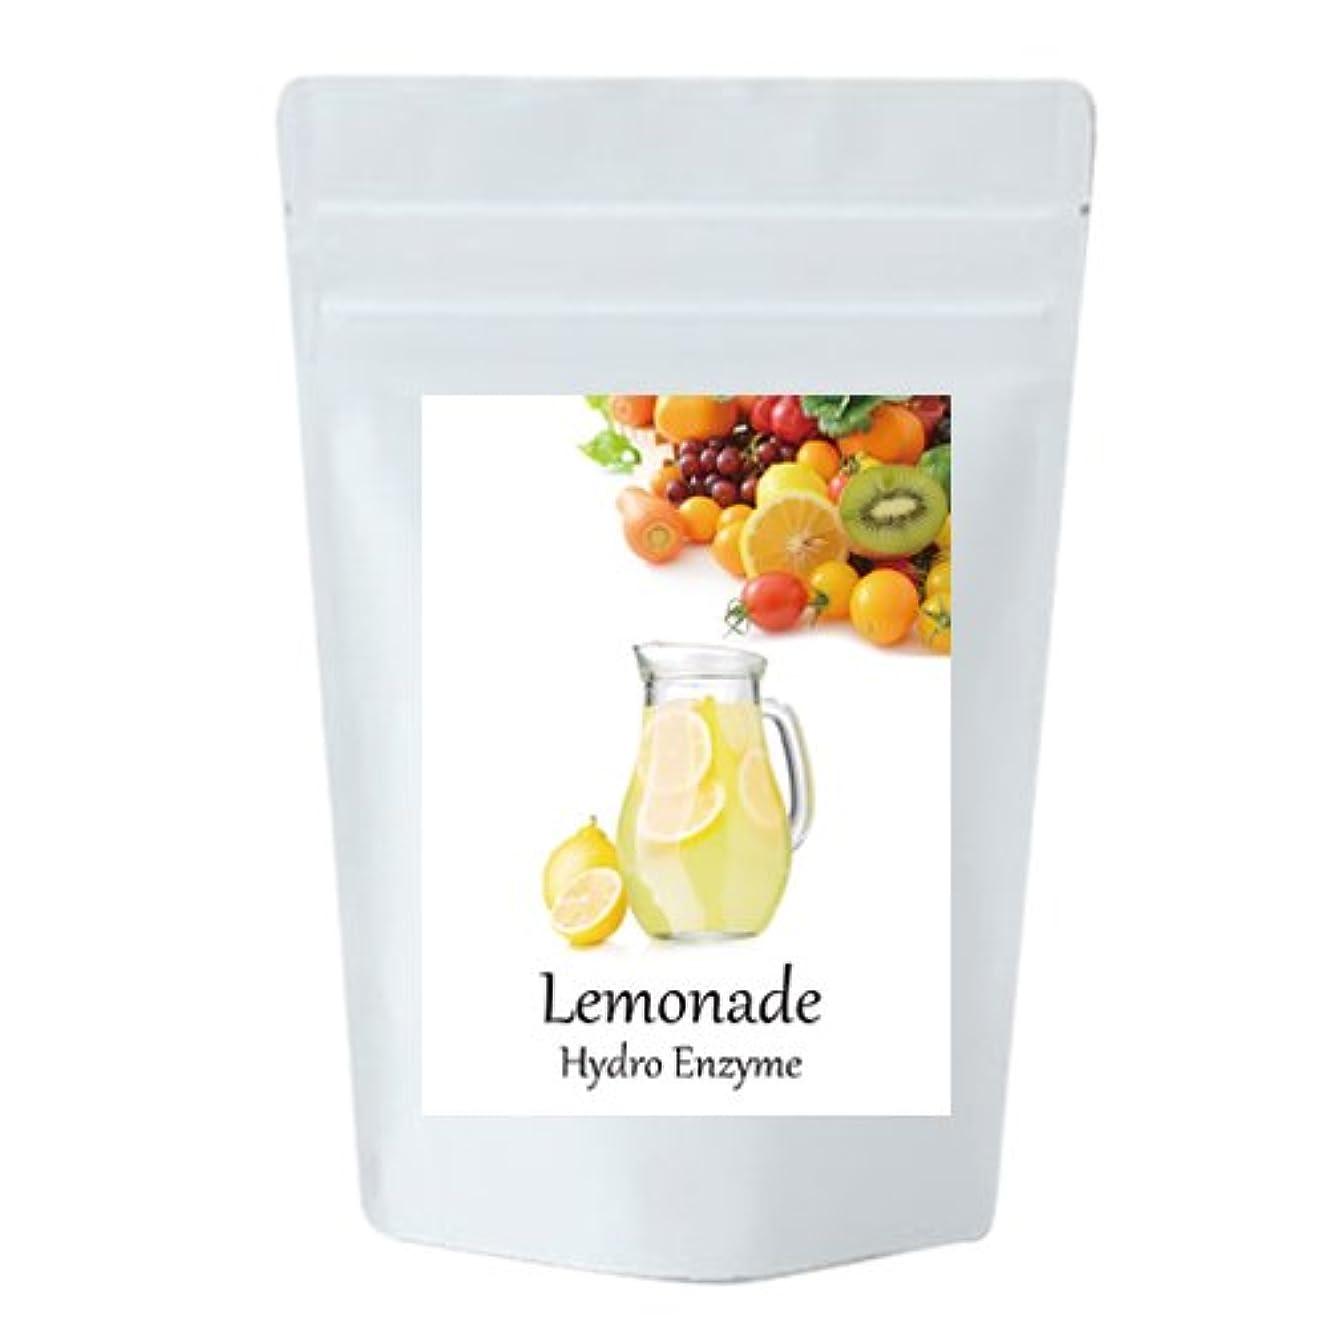 くるみ郵便物硬さLemonade Hydro Enzyme(レモネード 水素エンザイム) 水素 酵素 乳酸菌 ダイエット ドリンク 健康 飲料